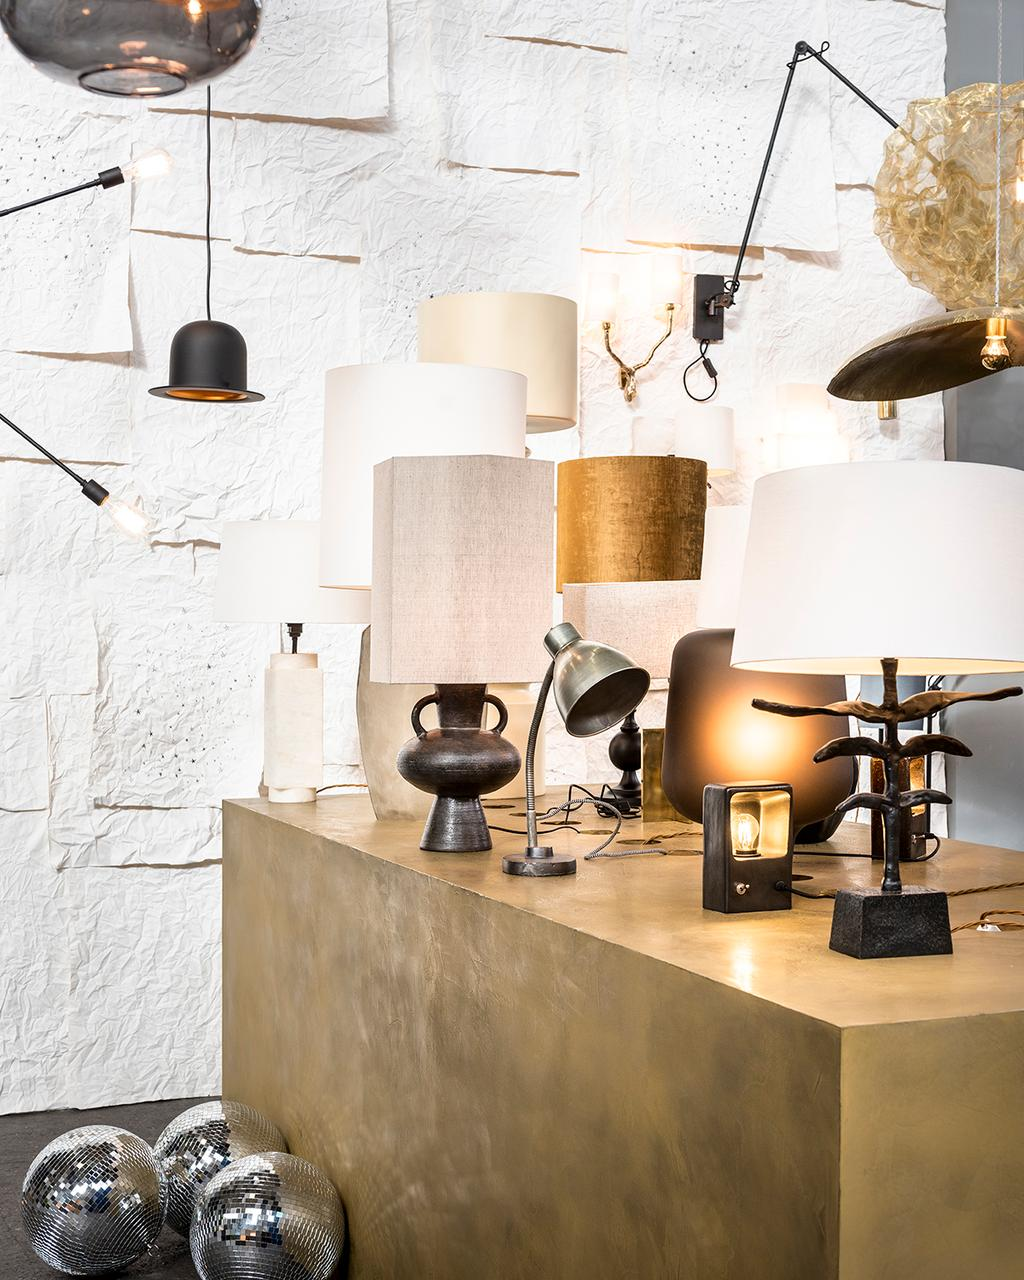 De lampen shopping in het vtwonen huis op de vt wonen&design beurs.